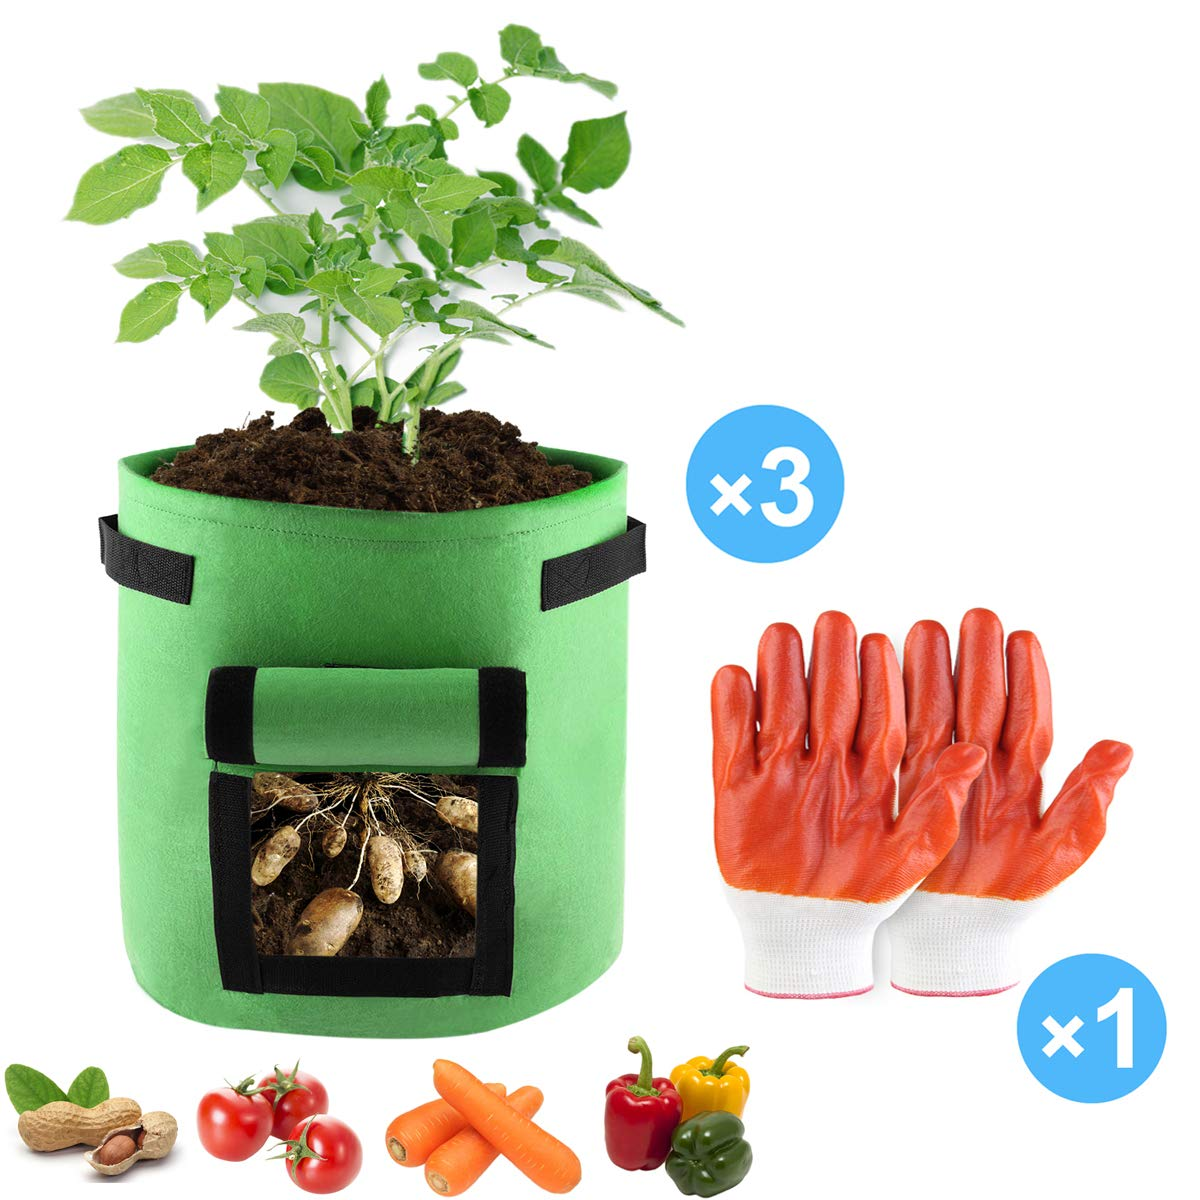 Details About 3pcs Garden Potato Grow Bags 7 Gallon Vegetables Planter Growing Pot 1 Gloves